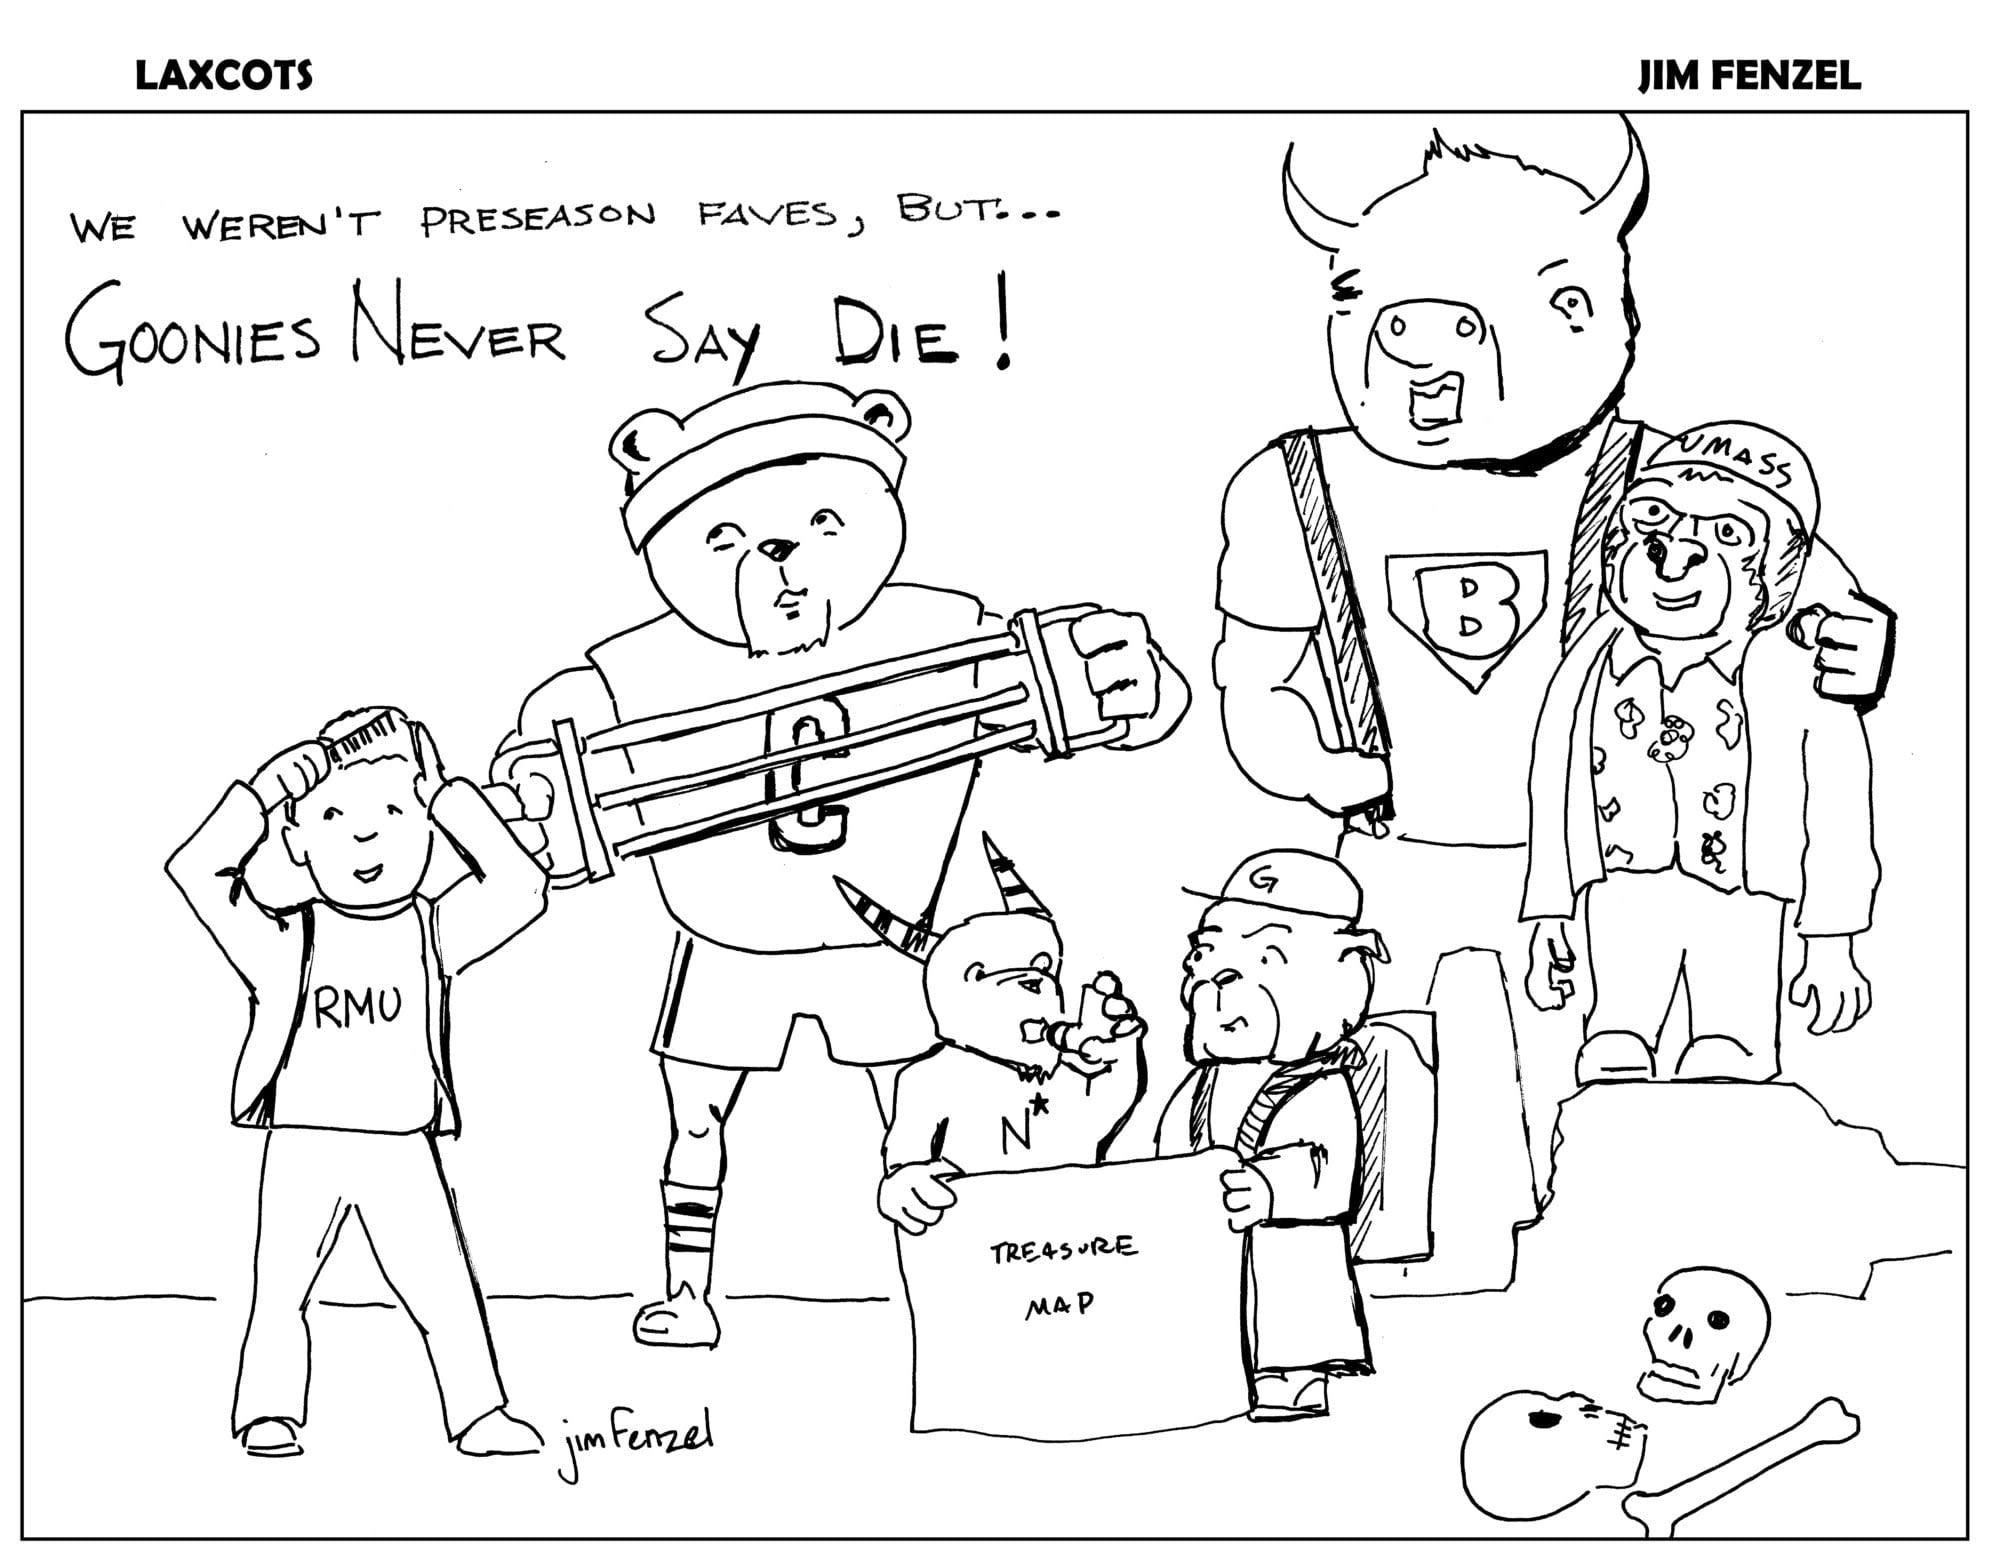 week 10 lacrosse cartoon